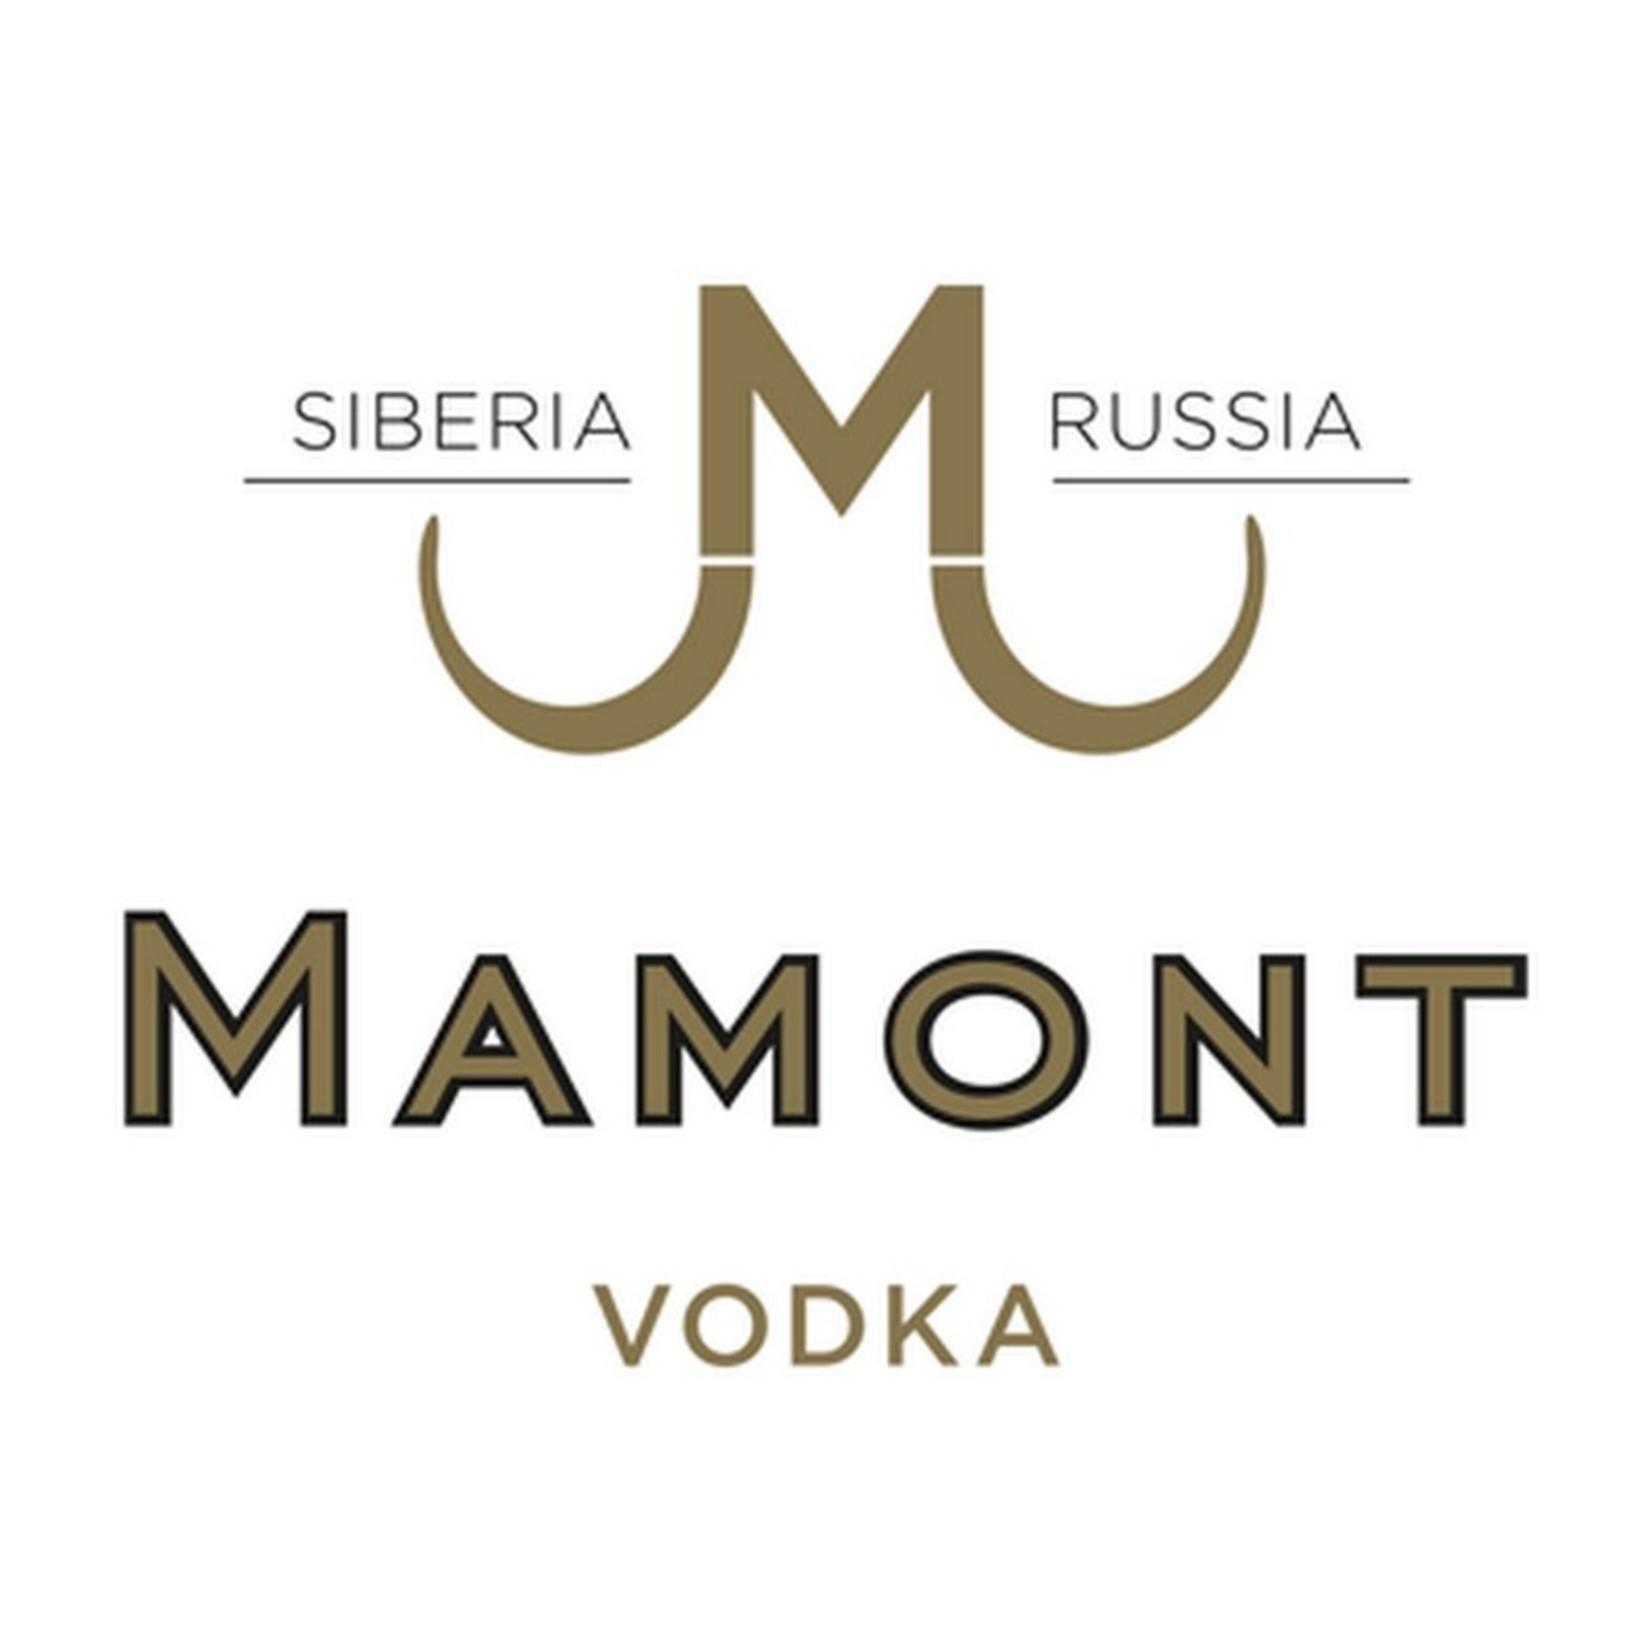 Spirits Mamont Vodka Siberia